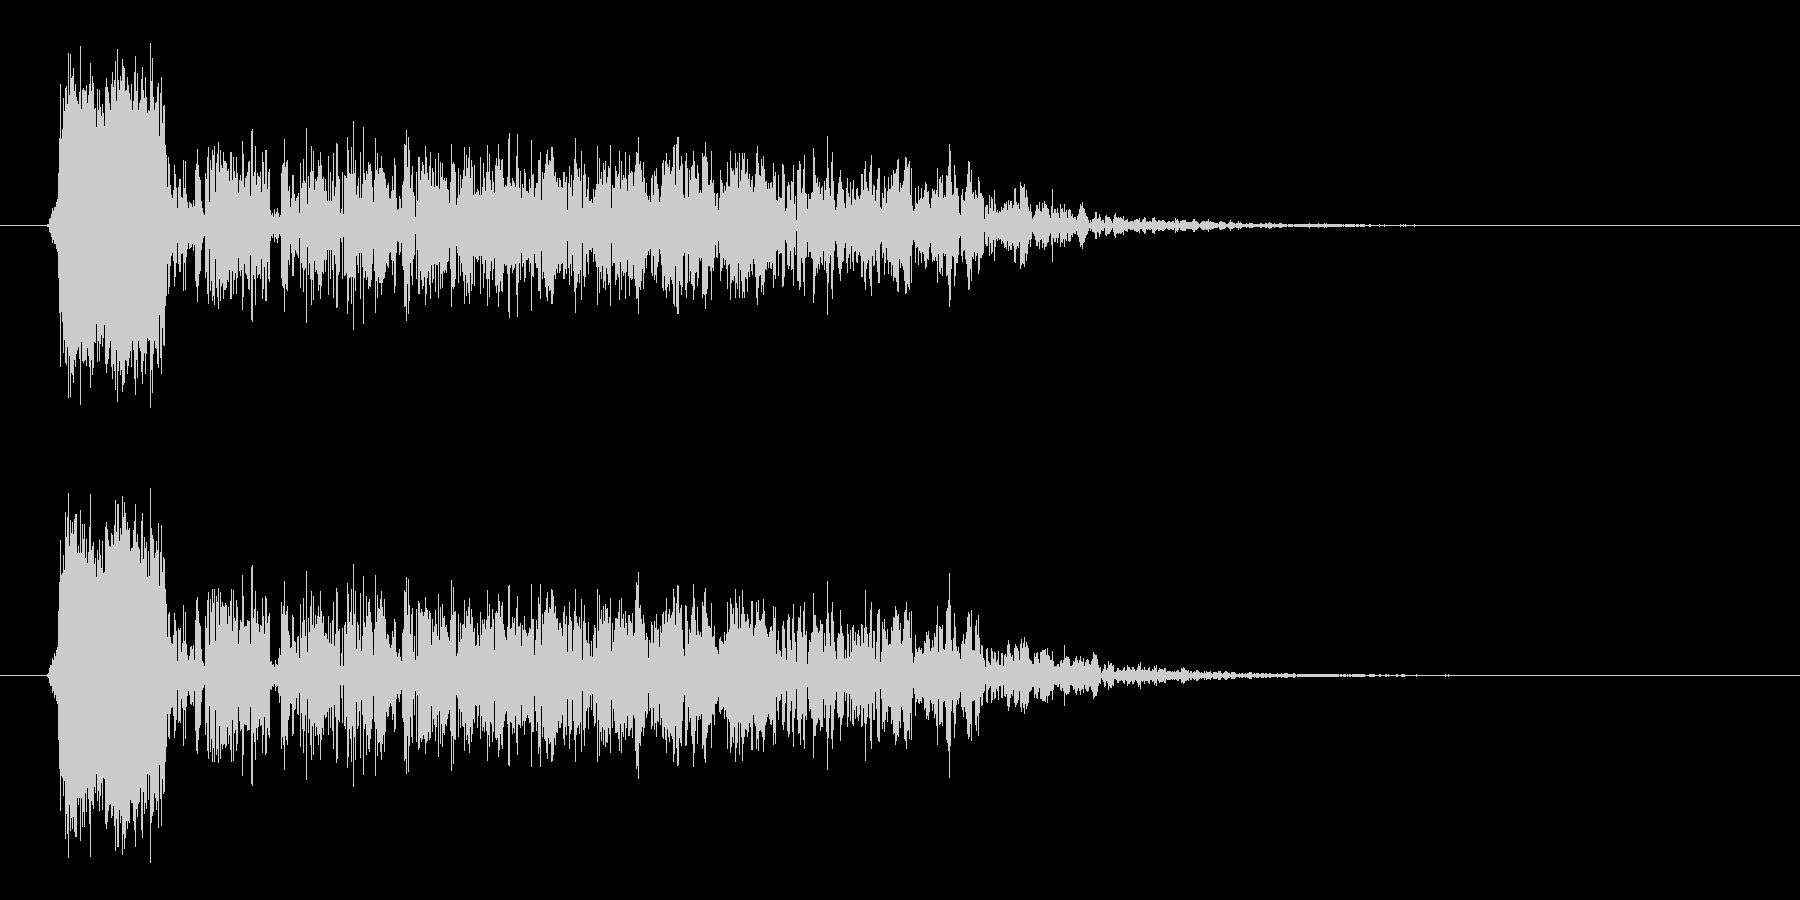 ジャー、ヒューン(何かが変化する衝撃音)の未再生の波形